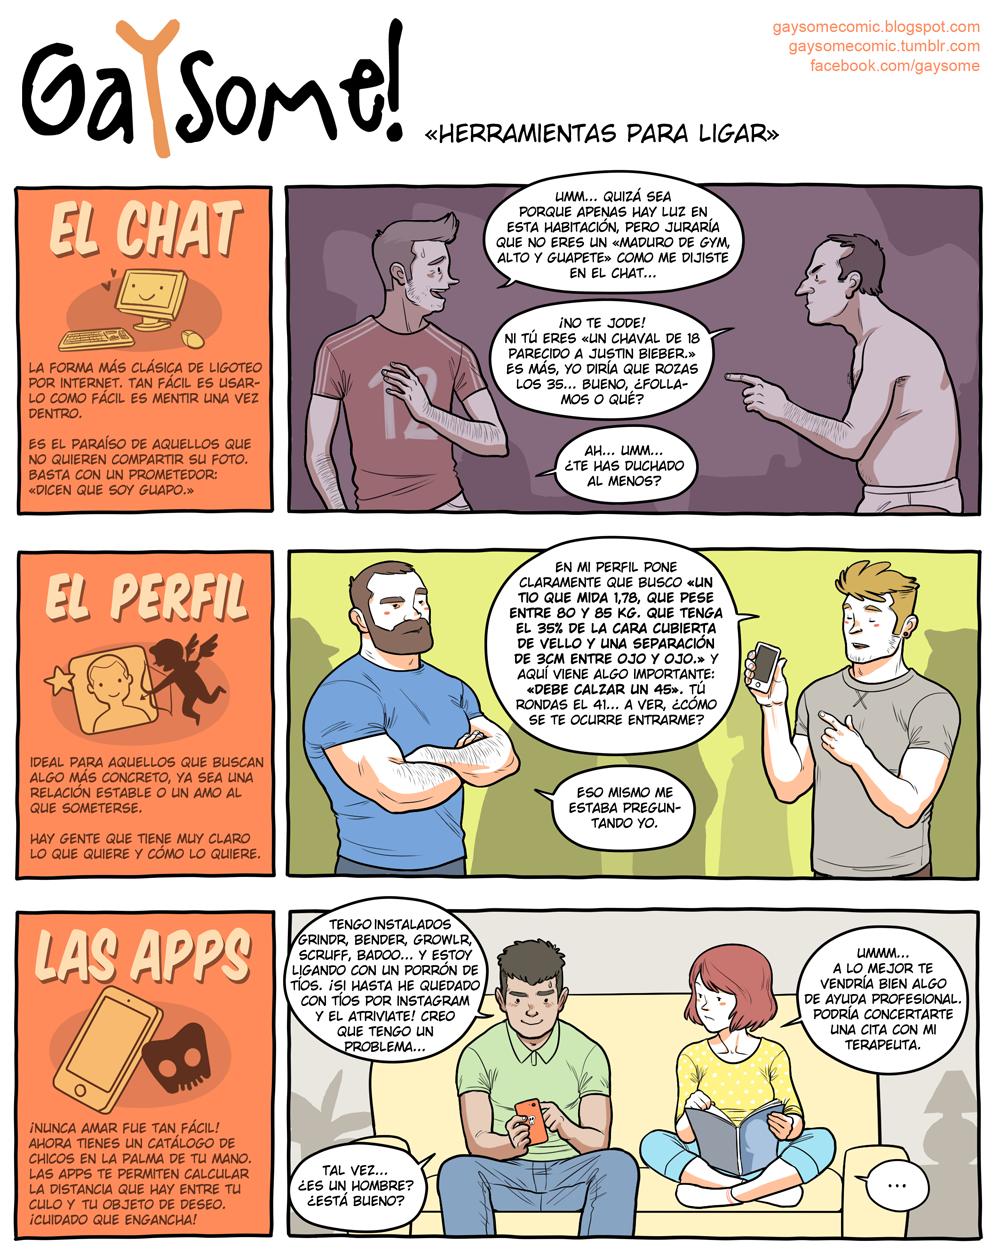 Anecdota Porno Gay gaysome! webcomic - humor gay en español.: felices fiestas